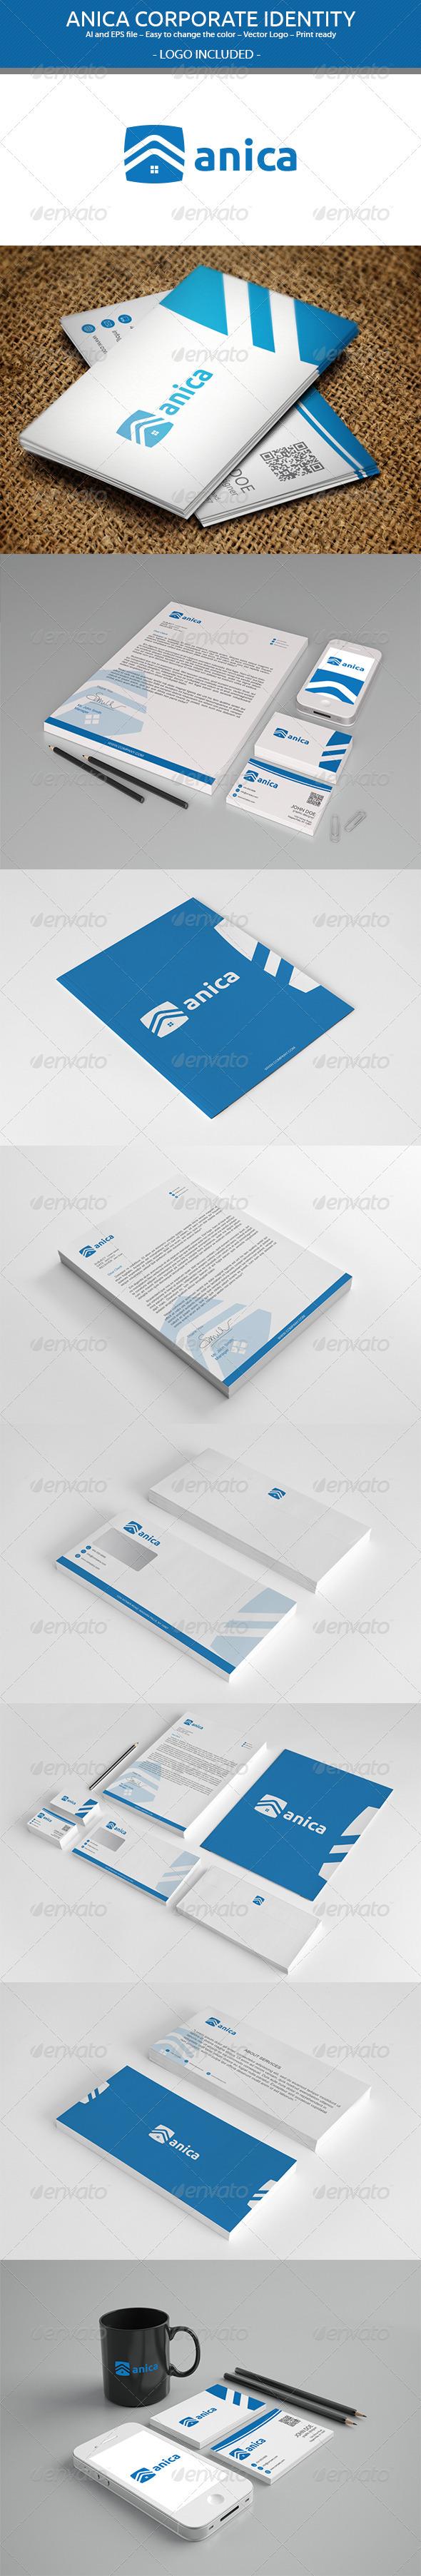 GraphicRiver Anica Corporate Identity 3538424